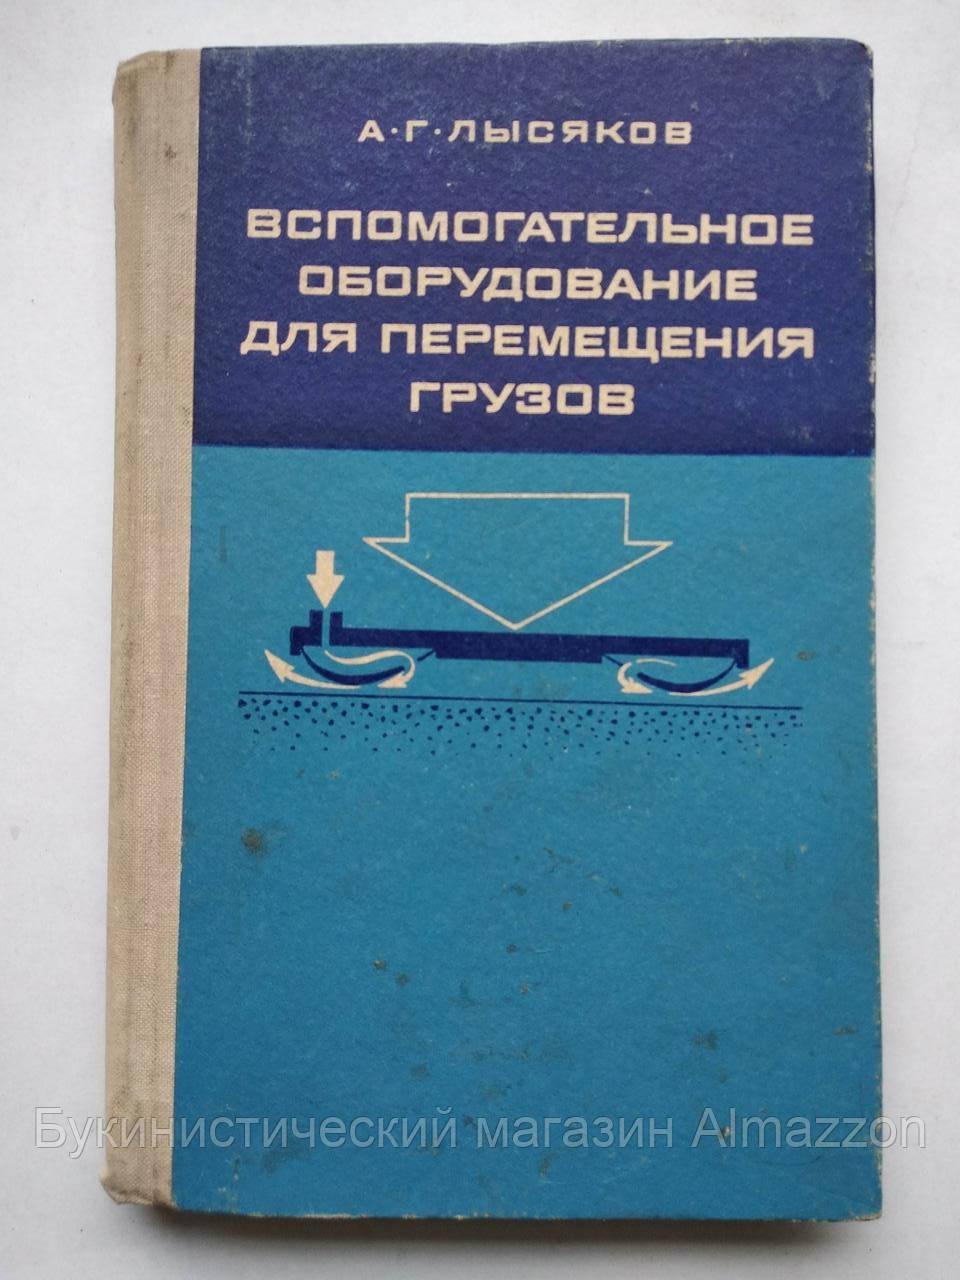 Вспомогательное оборудование для перемещения грузов А.Г.Лысяков